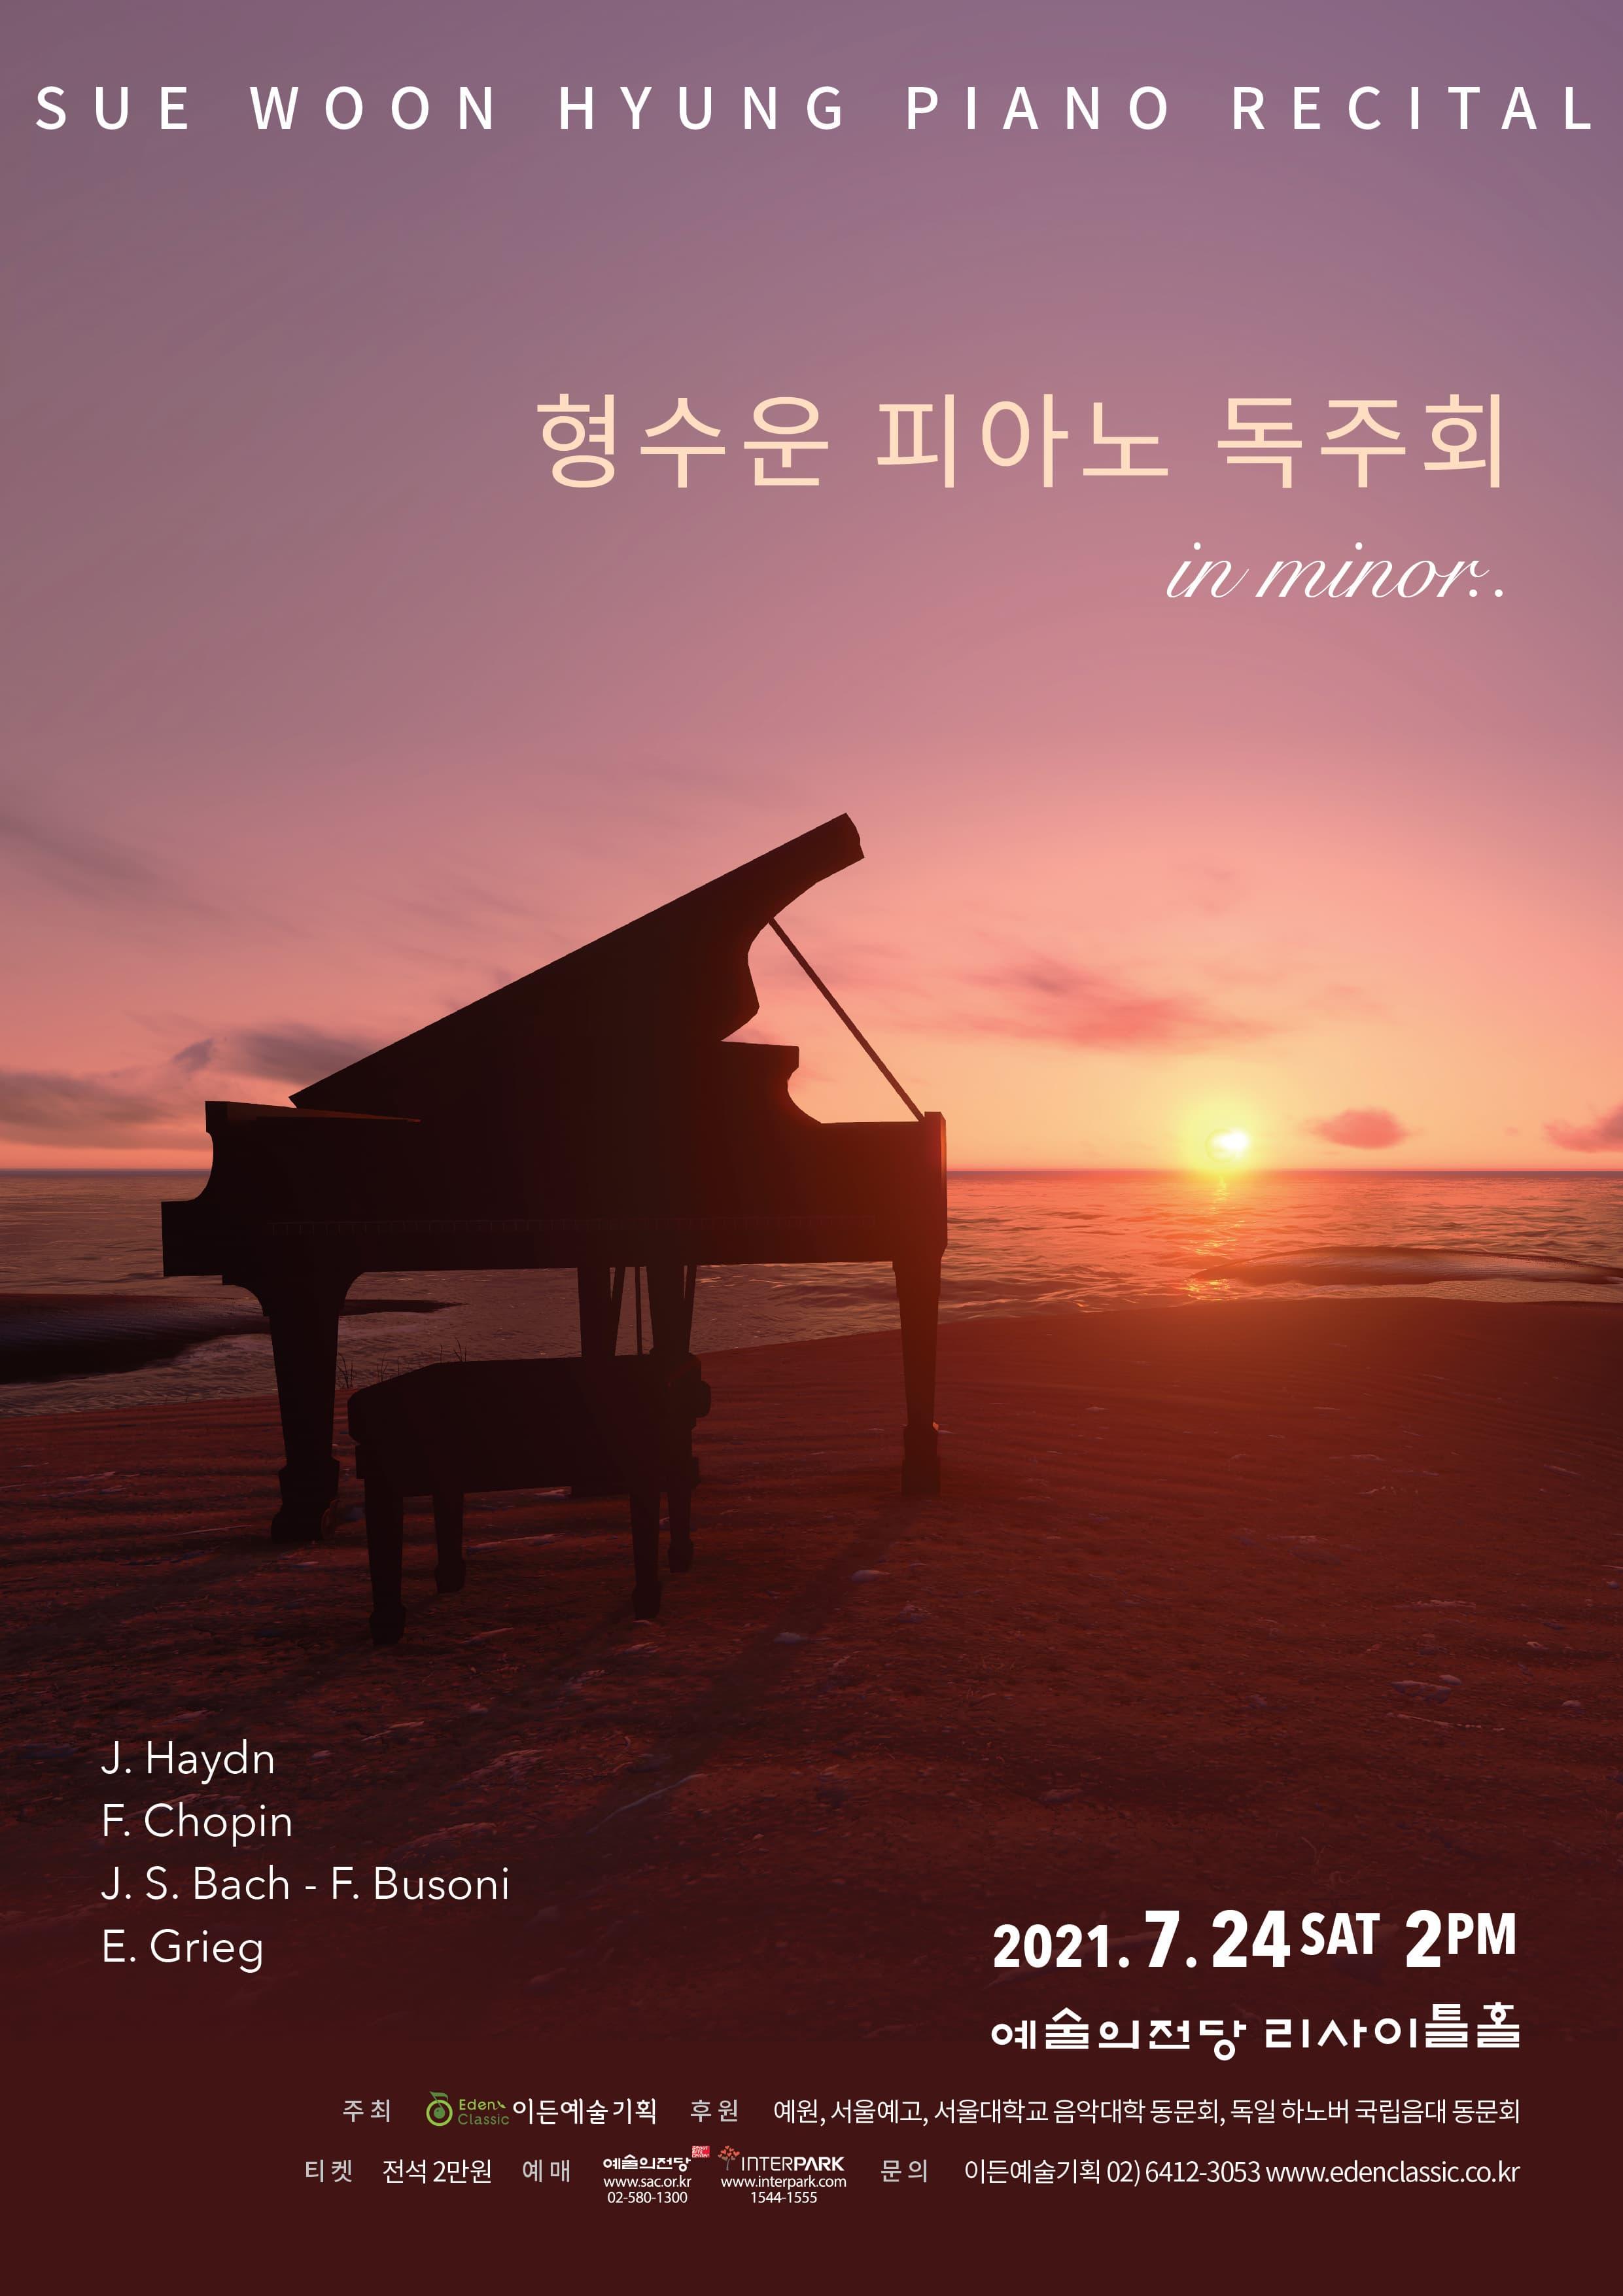 [07.24] 형수운 피아노 독주회